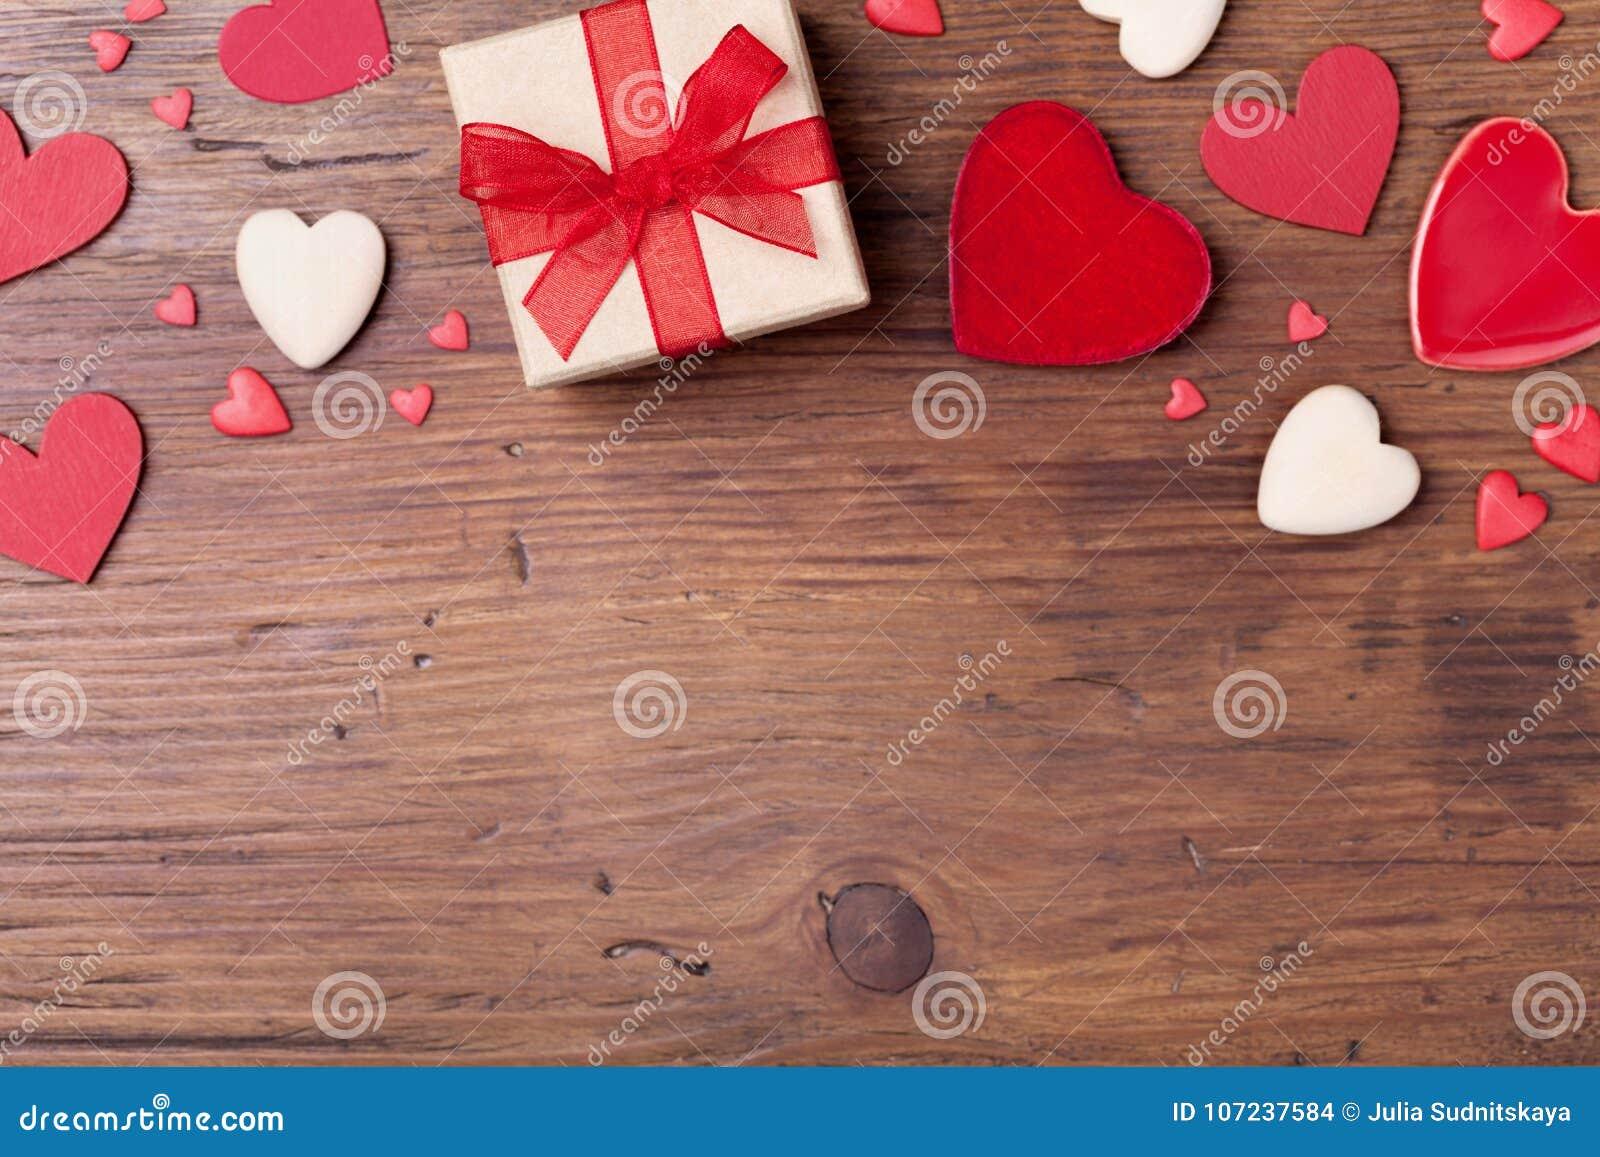 Δώρο ή παρόν κιβώτιο και μικτές καρδιές για το υπόβαθρο ημέρας βαλεντίνων Τοπ όψη Διάστημα αντιγράφων για το κείμενο χαιρετισμού